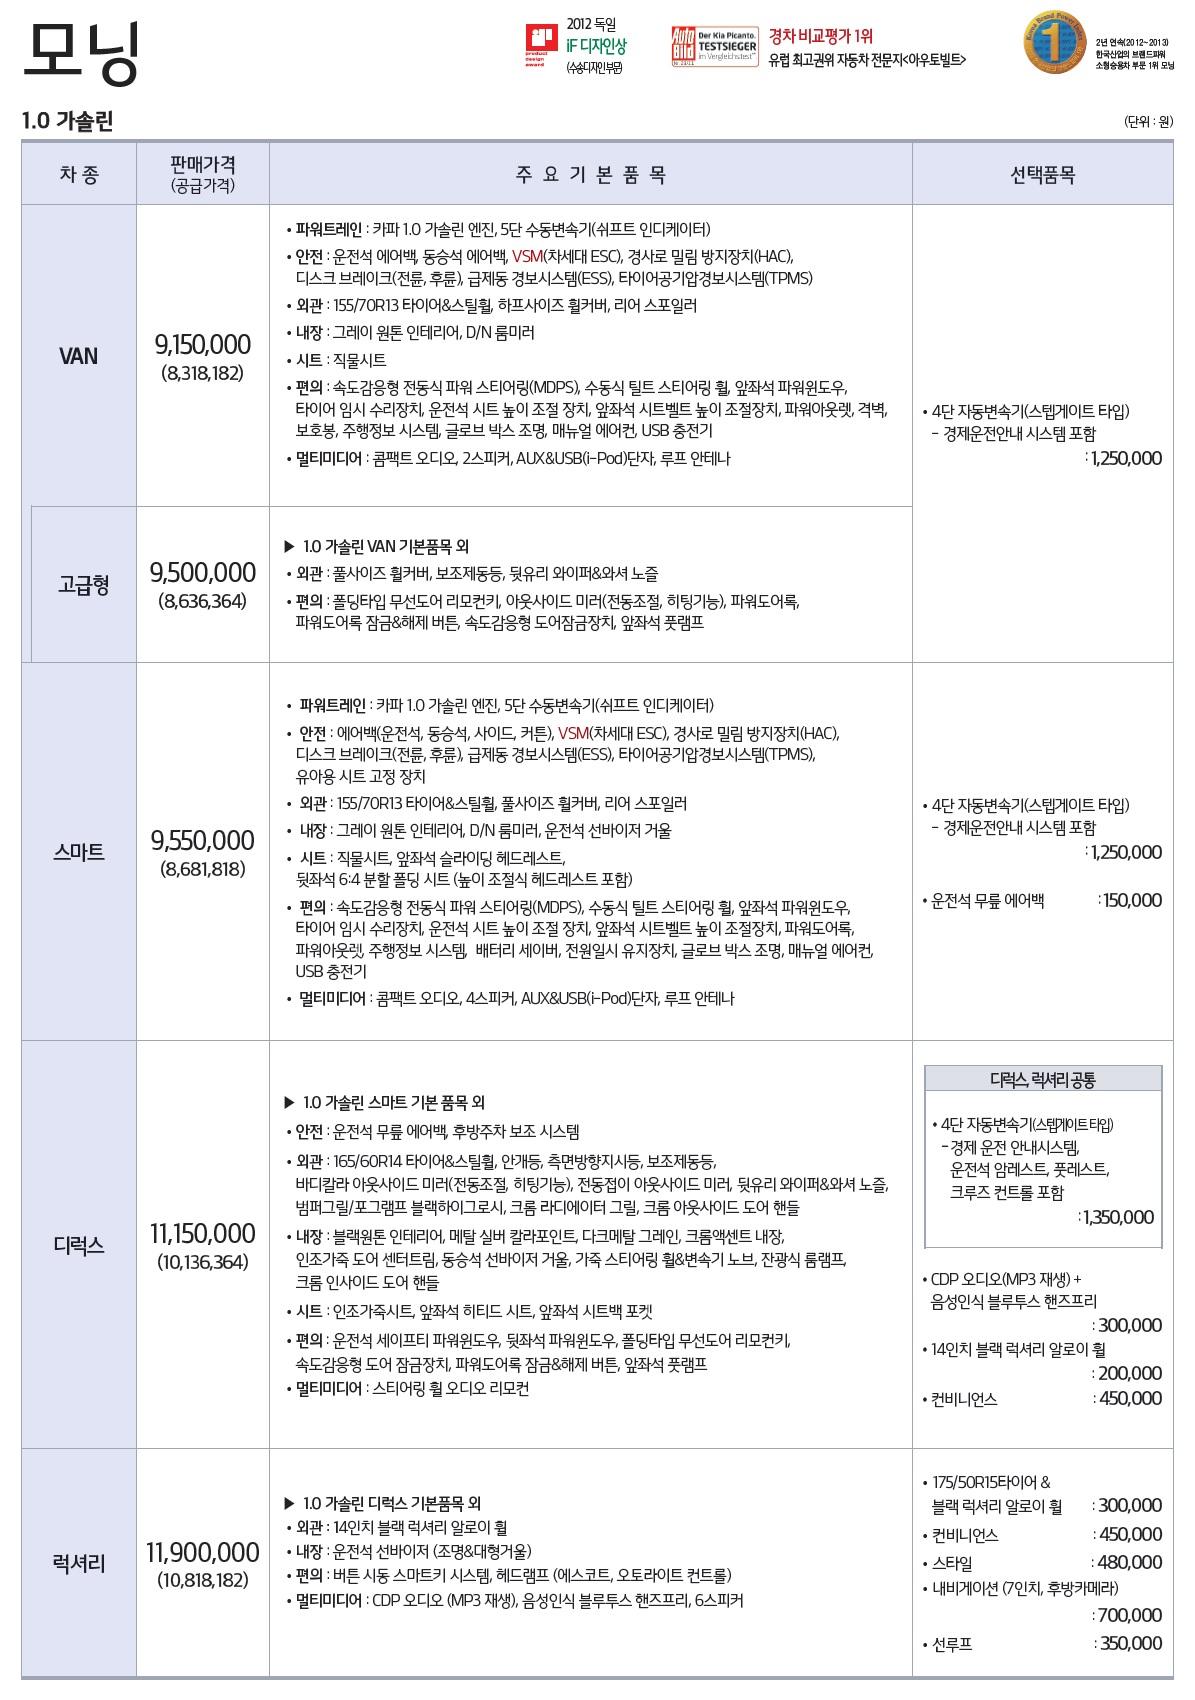 더뉴 모닝 가격표 - 2015년 08월 -1.jpg